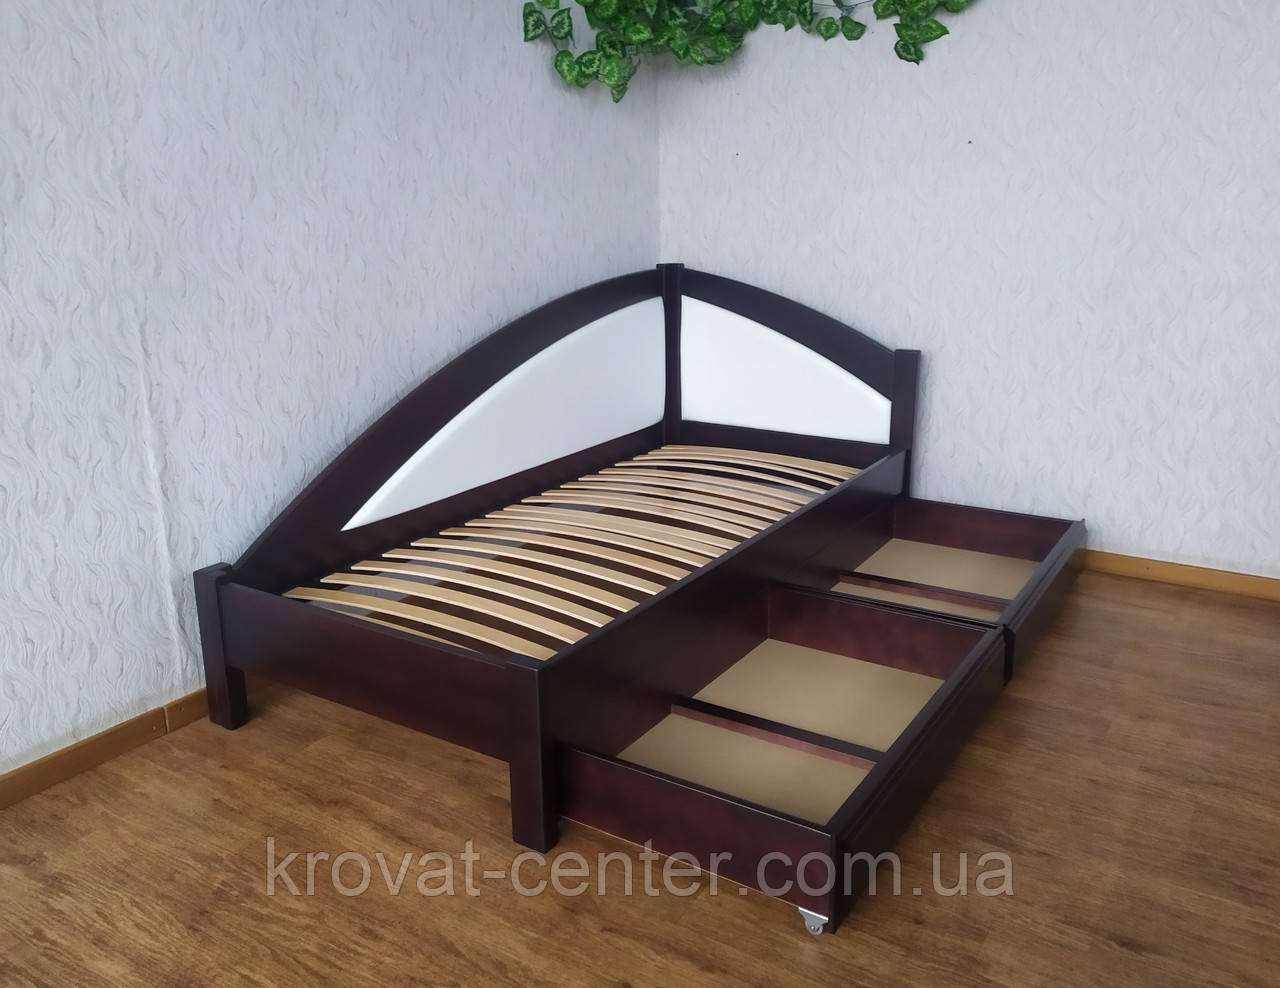 """Детская деревянная кровать с выдвижными ящиками """"Радуга Премиум"""""""